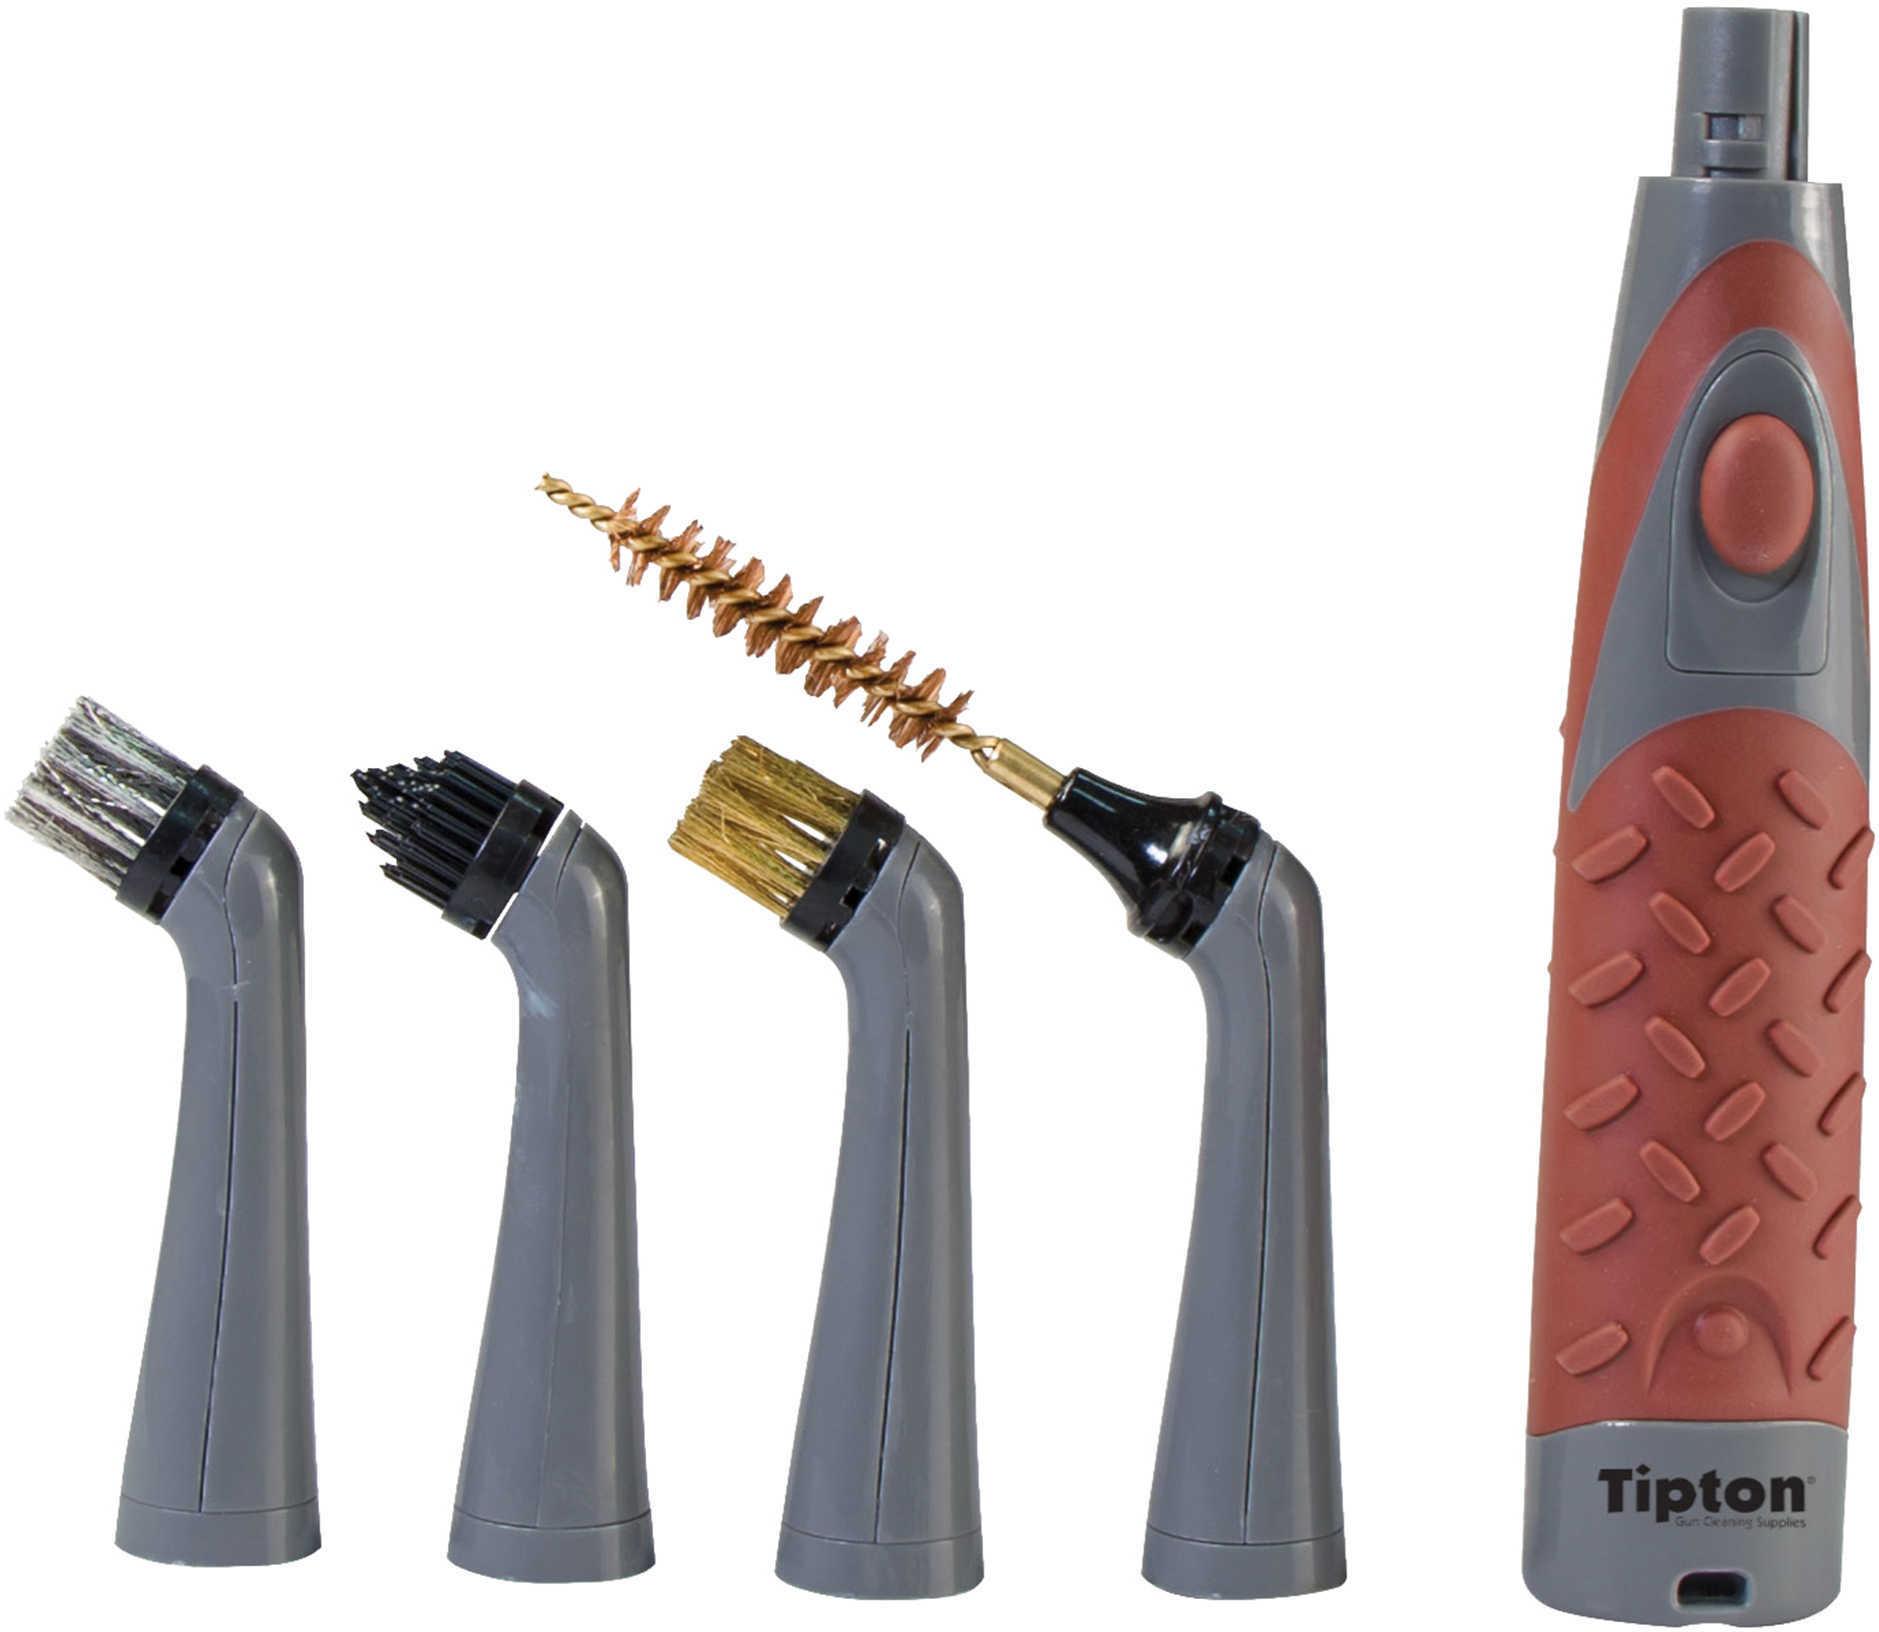 Tipton Power Clean Electric Gun Brush Kit